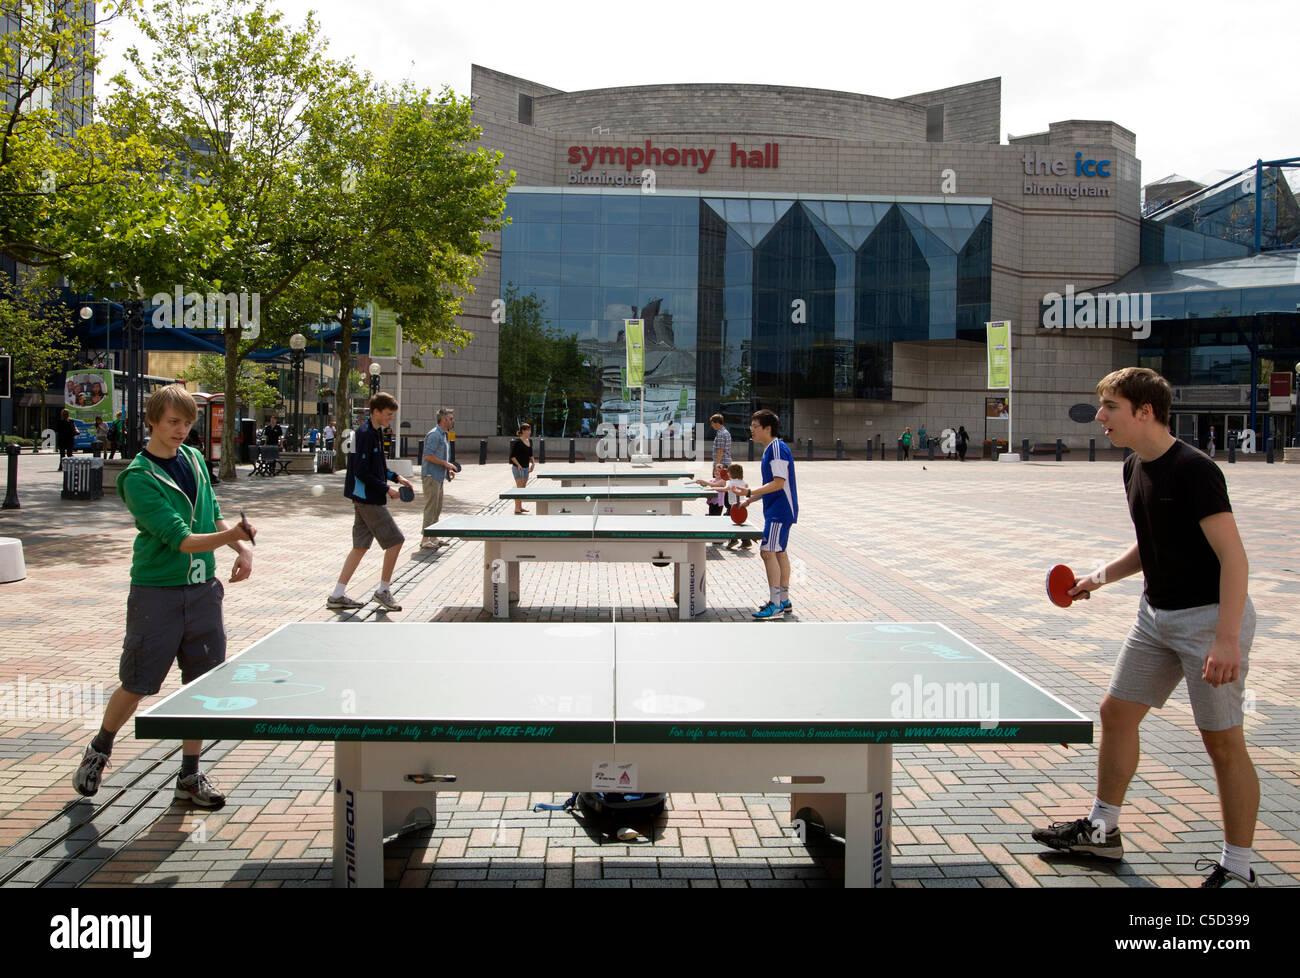 Personas jugando al ping pong en la calle Broad Street de Birmingham. Más de 50 mesas de ping pong se establecieron Imagen De Stock